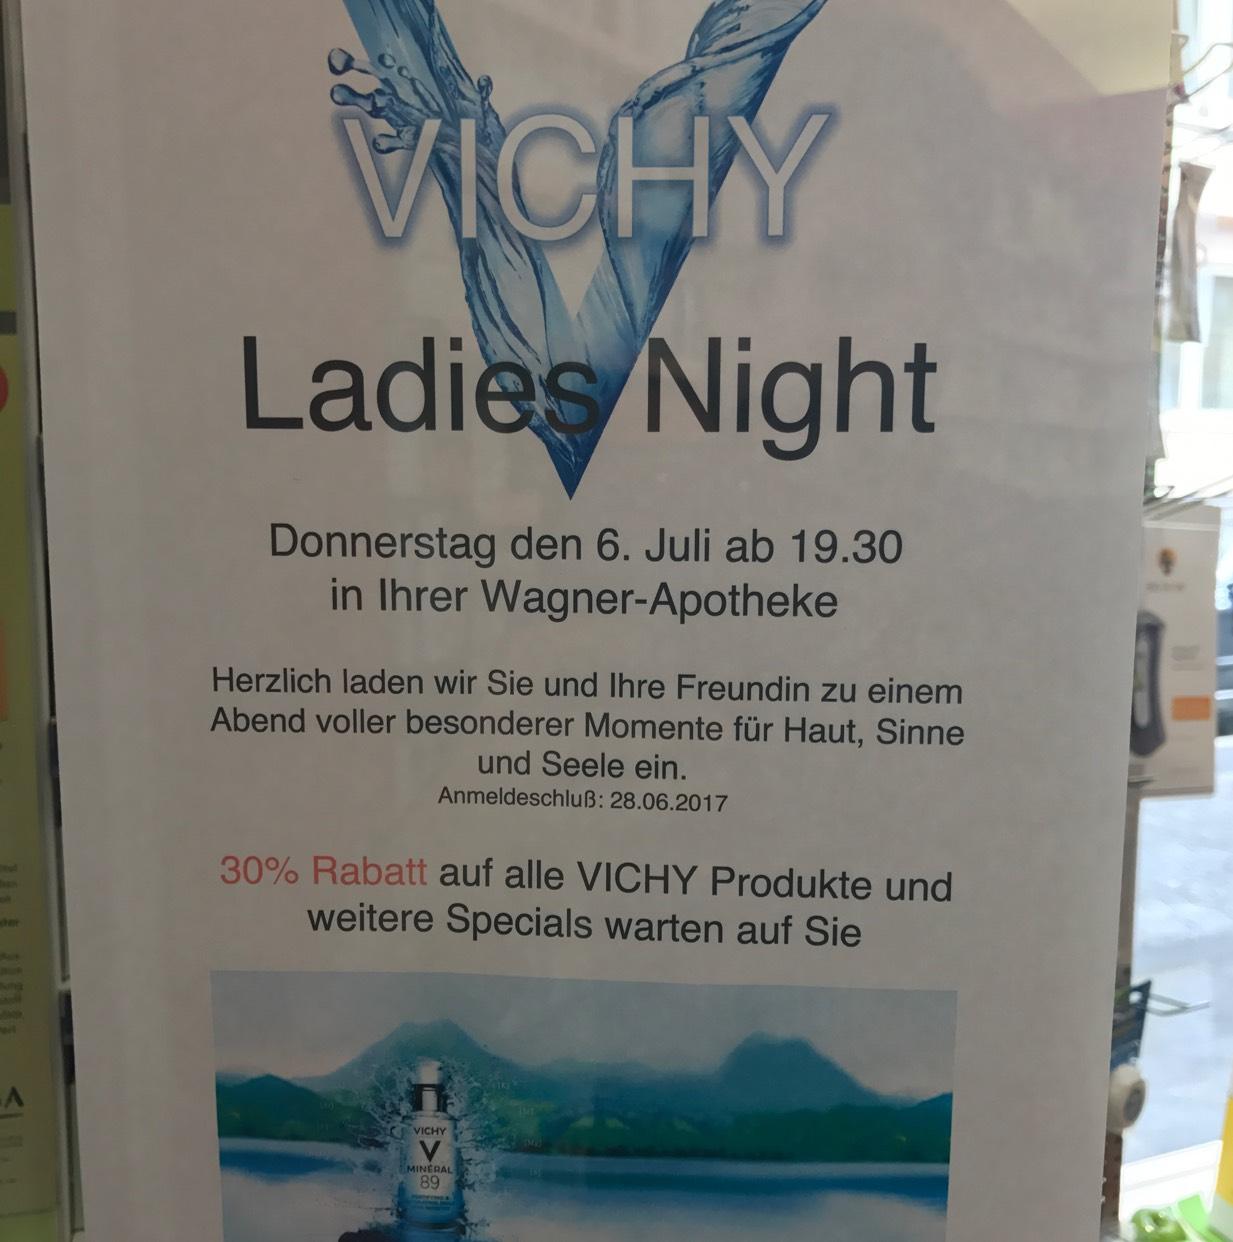 [Lokal] Düsseldorf 30% auf alle Vichyprodukte Vichy